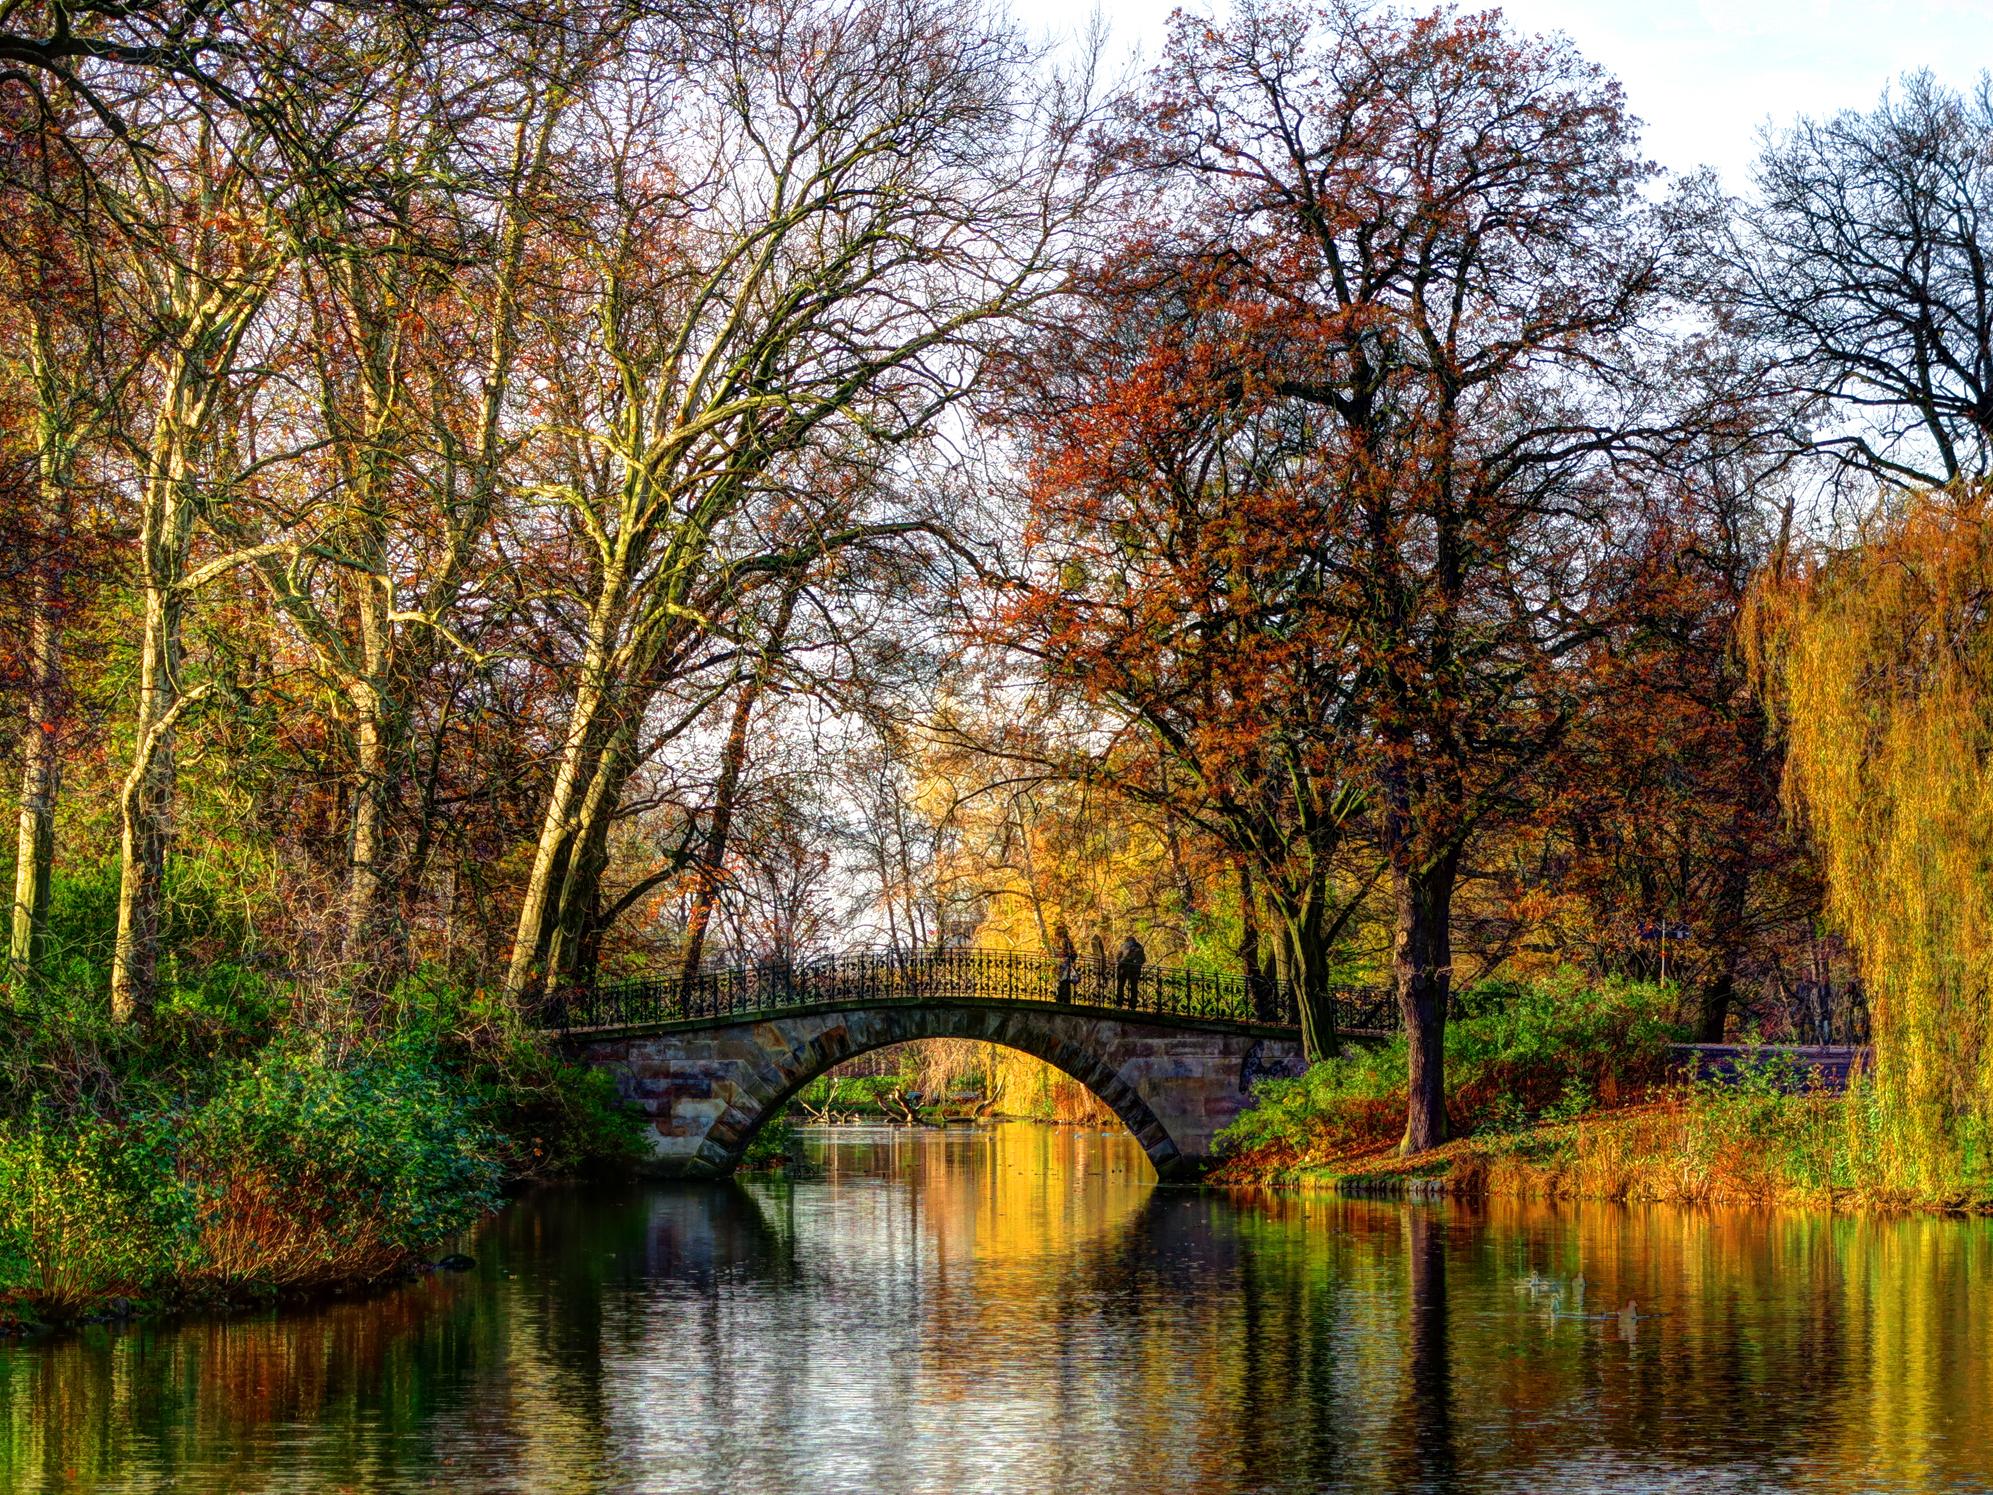 Kleine Brücke über ein Gewässer, umrahmt von Bäumen und Büschen mit verschiedenfarbenen Herbstlaub.